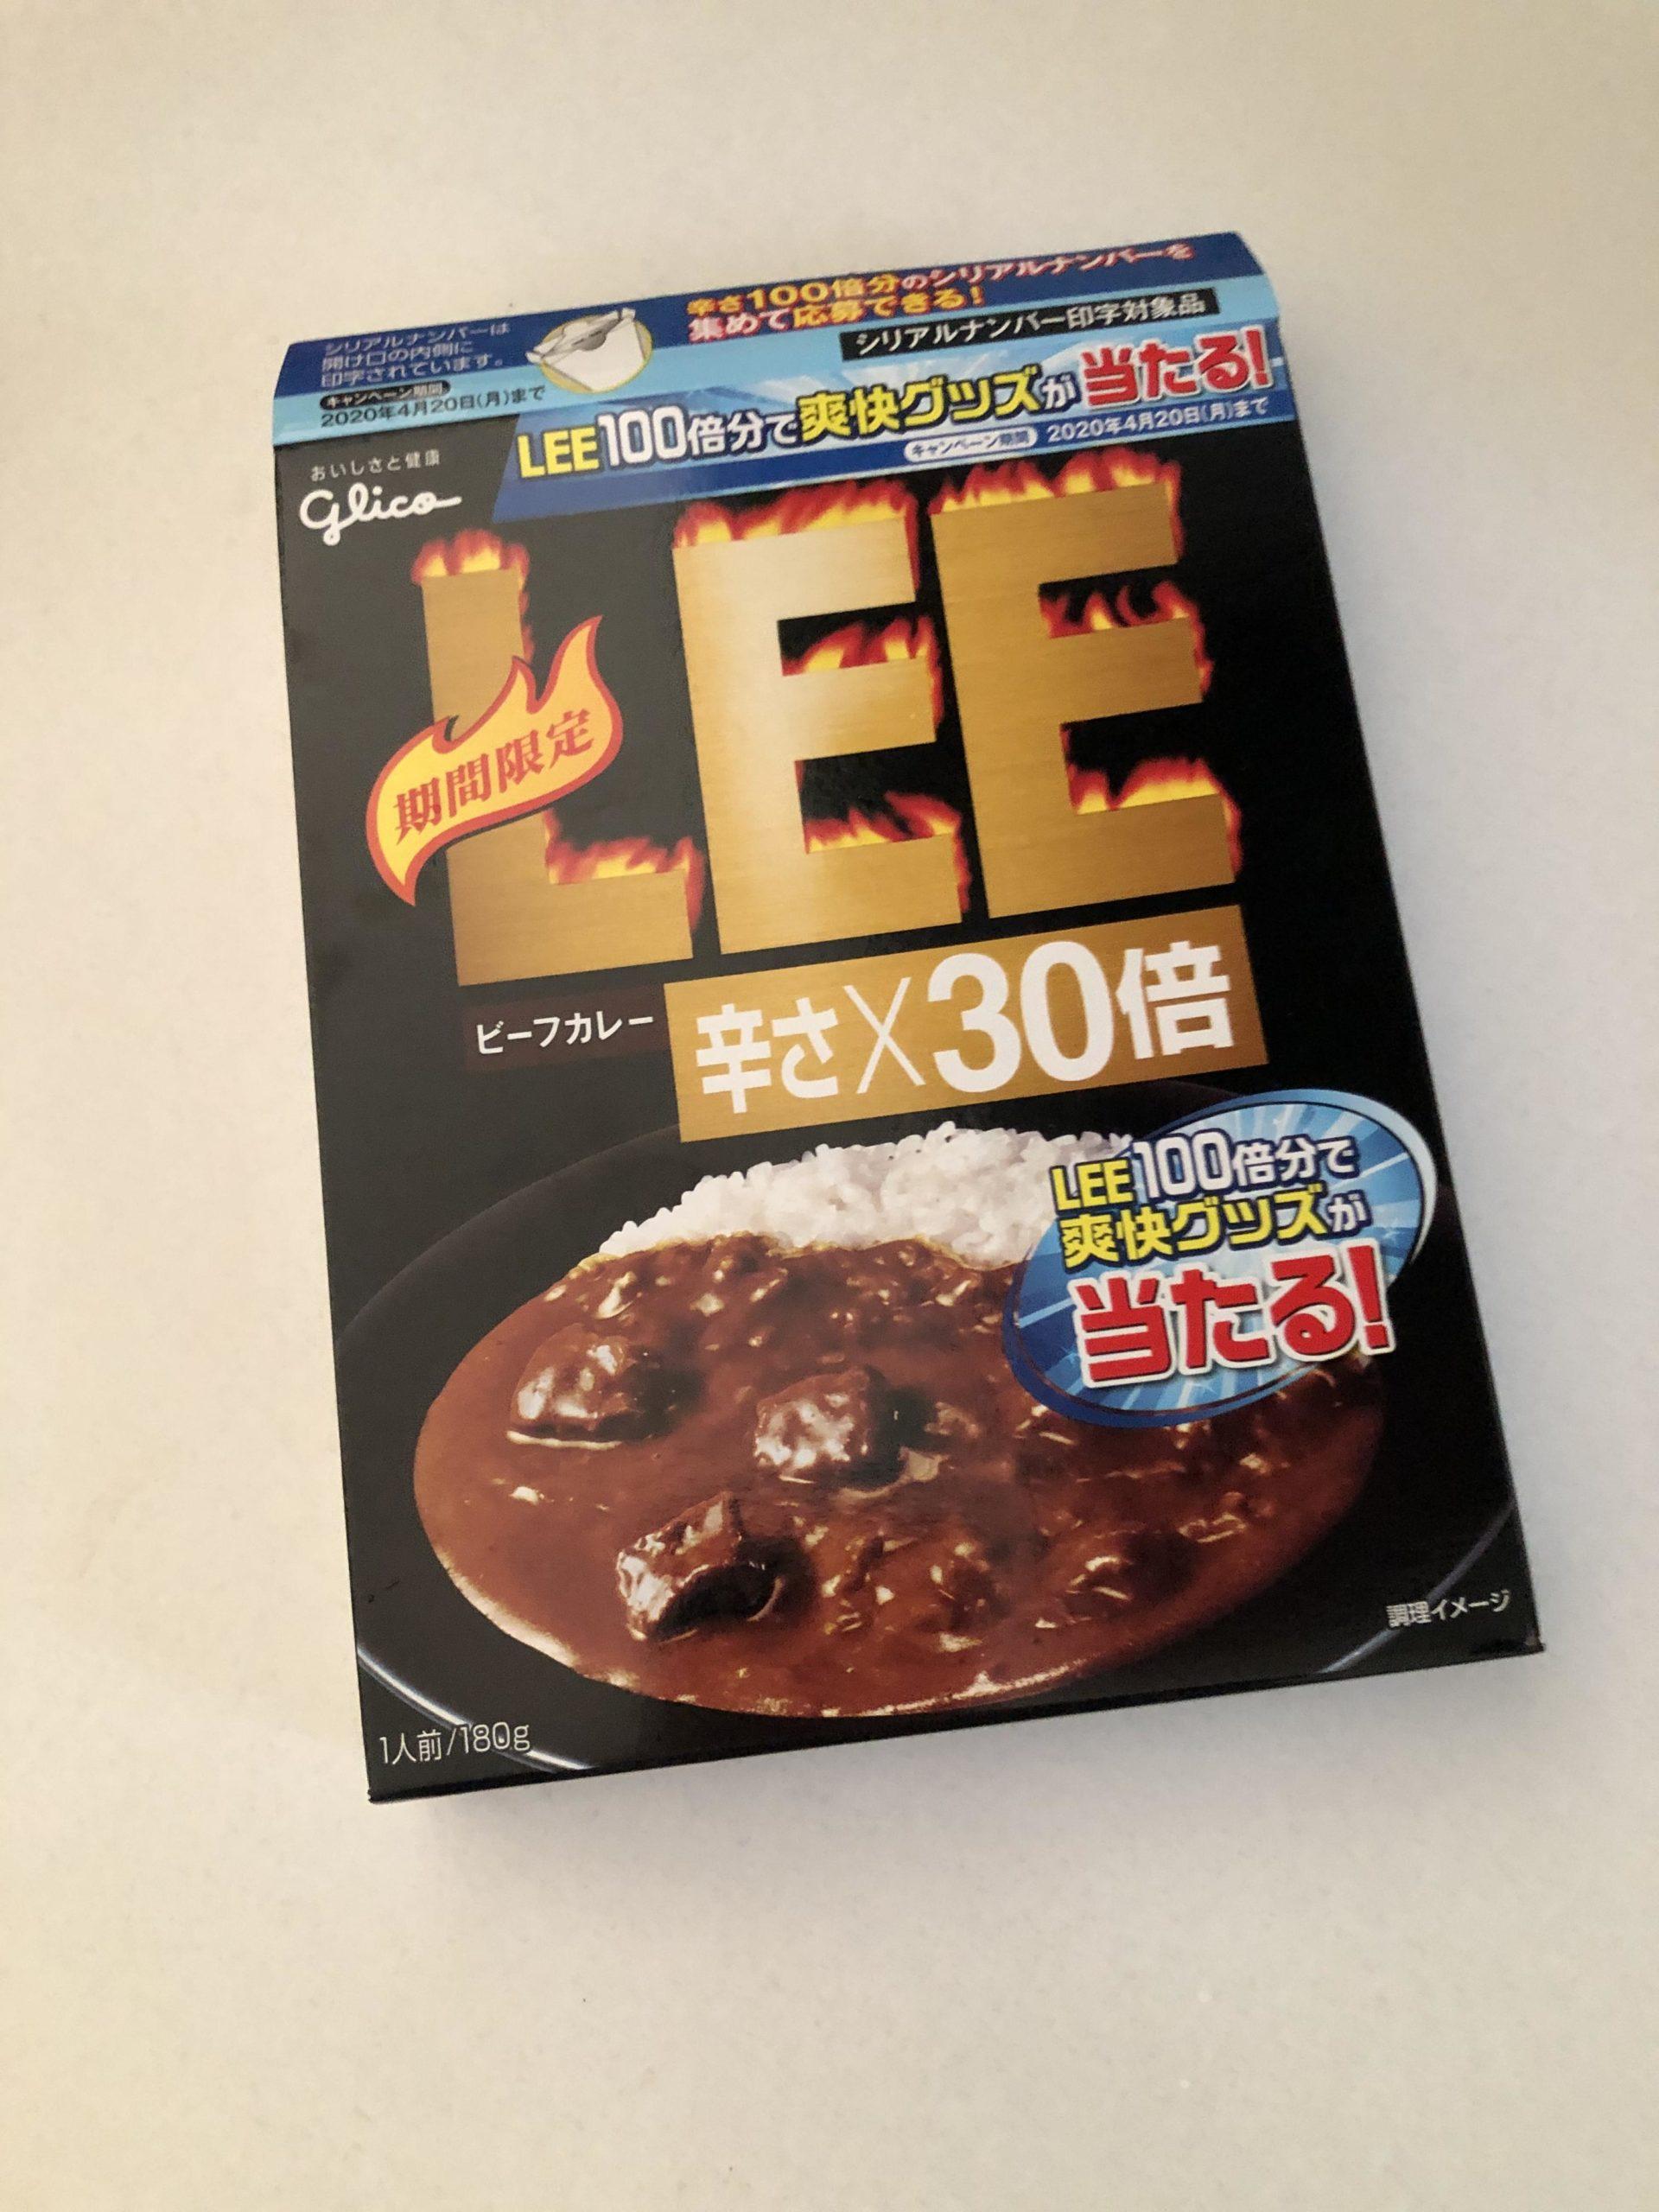 【画像】今からLEEの30倍食べるで!!!!!!!!!!!!,